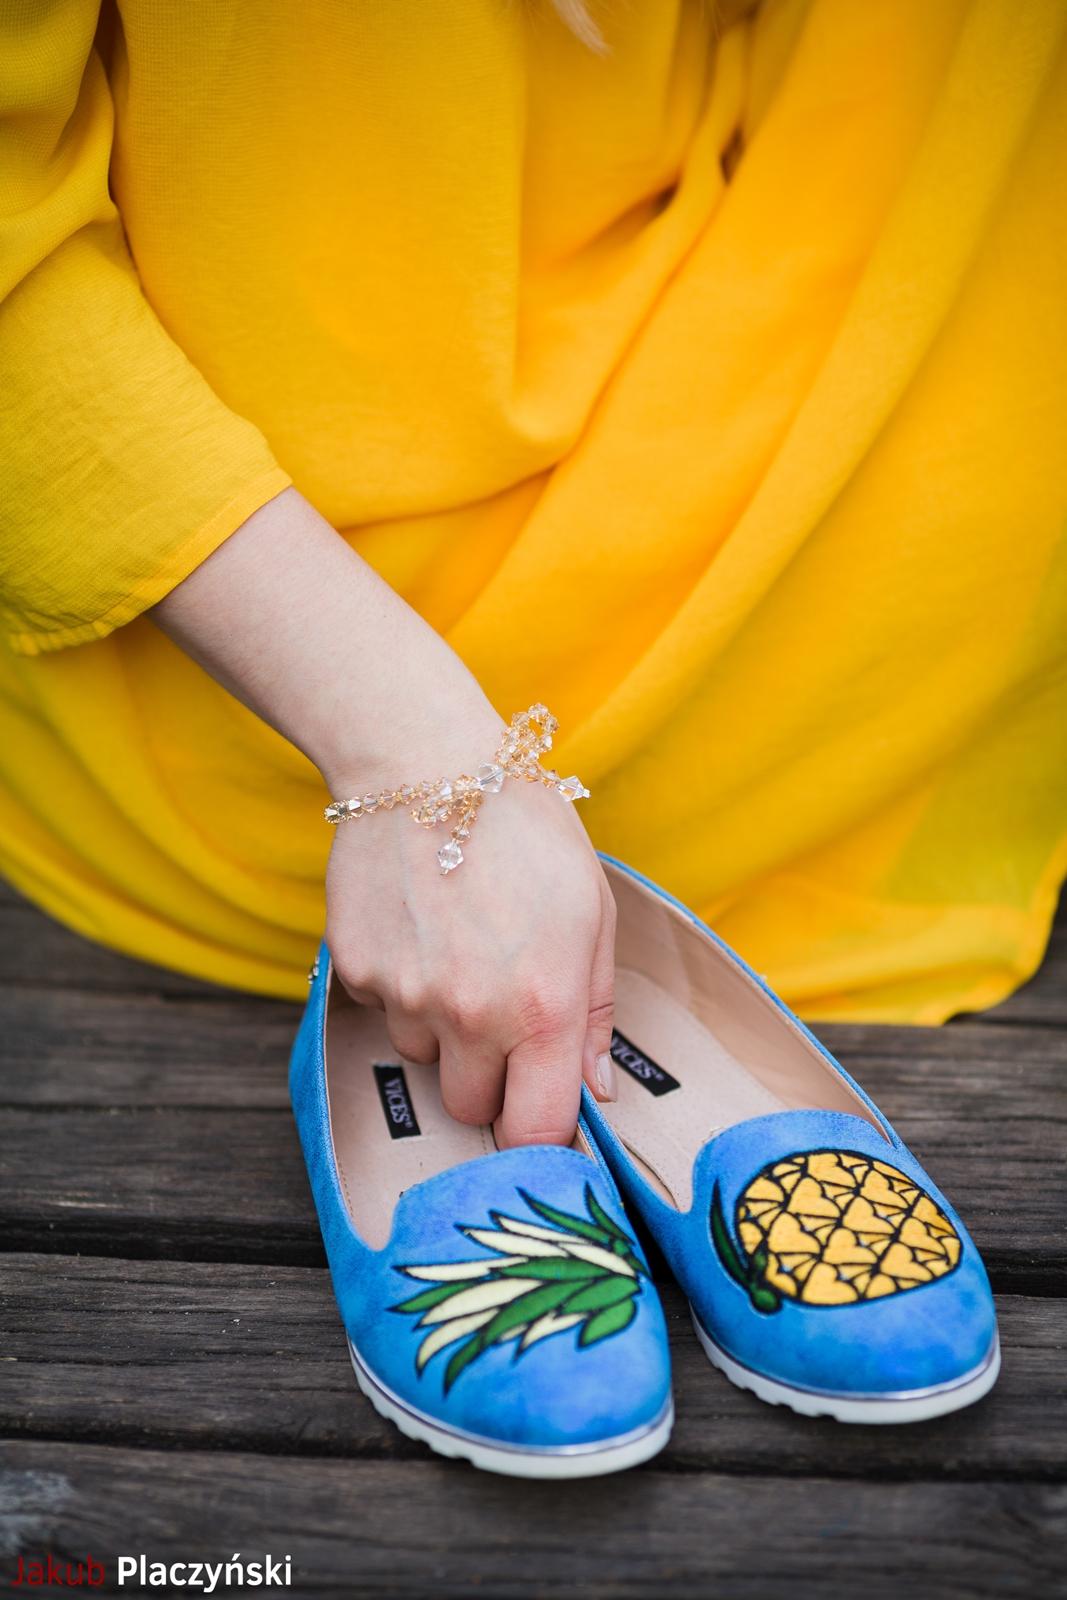 3 żółta sukienka na lato bonprix niebieskie espadryle z ananasem renee shoes reneegirls reneeshoes melodylaniella modnapolka lookbook ootd moda na lato biżuteria piotrowski swarovski